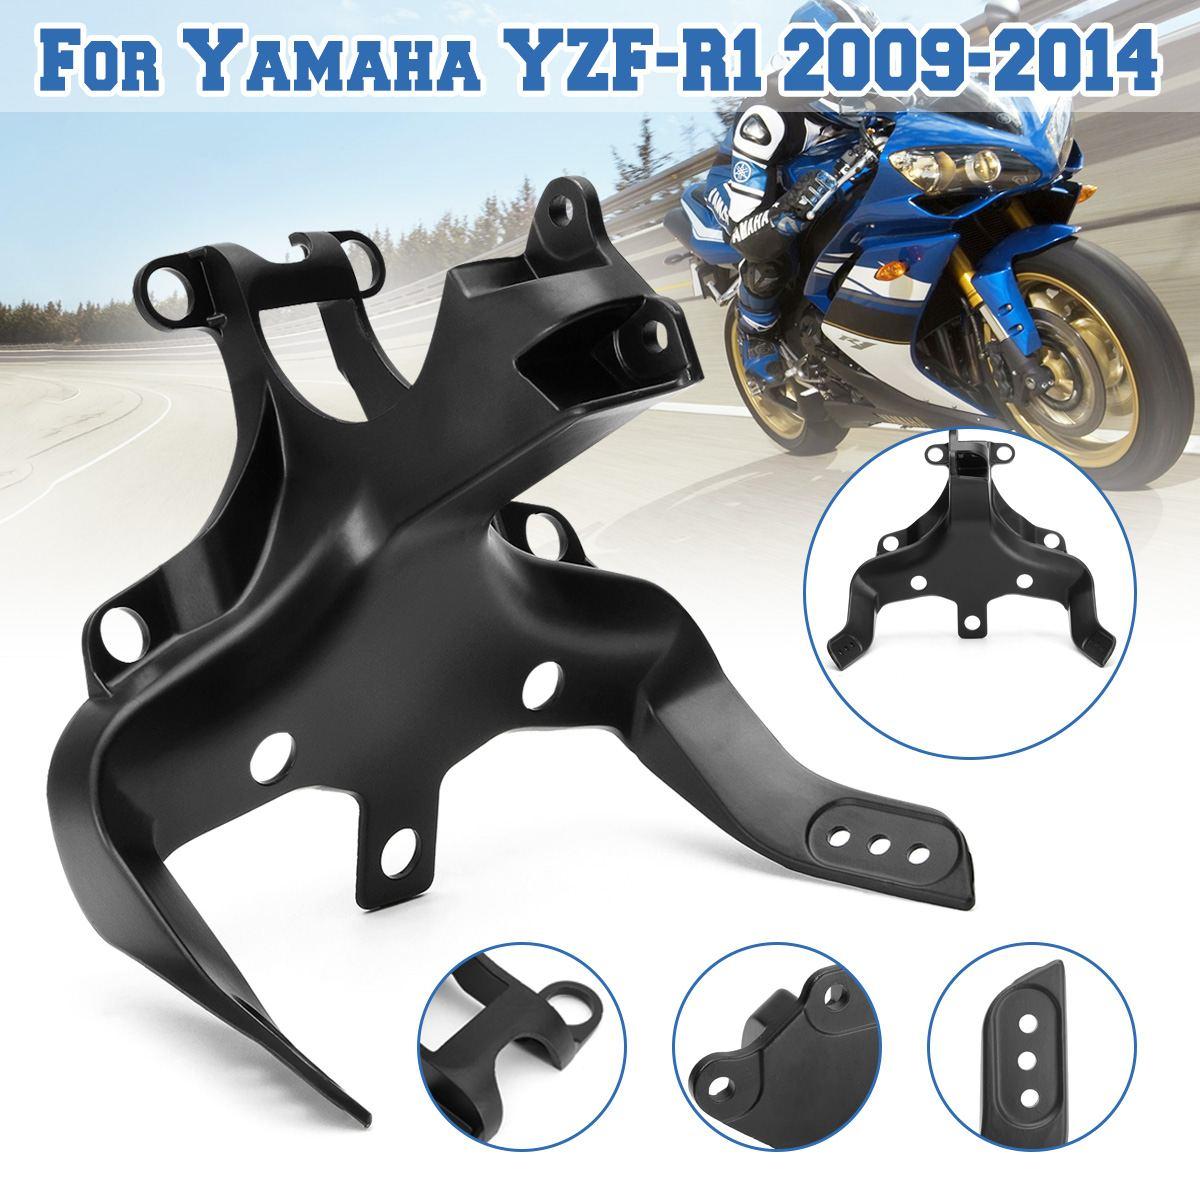 Frente da motocicleta Carenagem Carenagem Fique Farol Suporte De Montagem Para Yamaha YZF-R1 2002 03 04 05 06 07 08 09 10 11 12 13 14